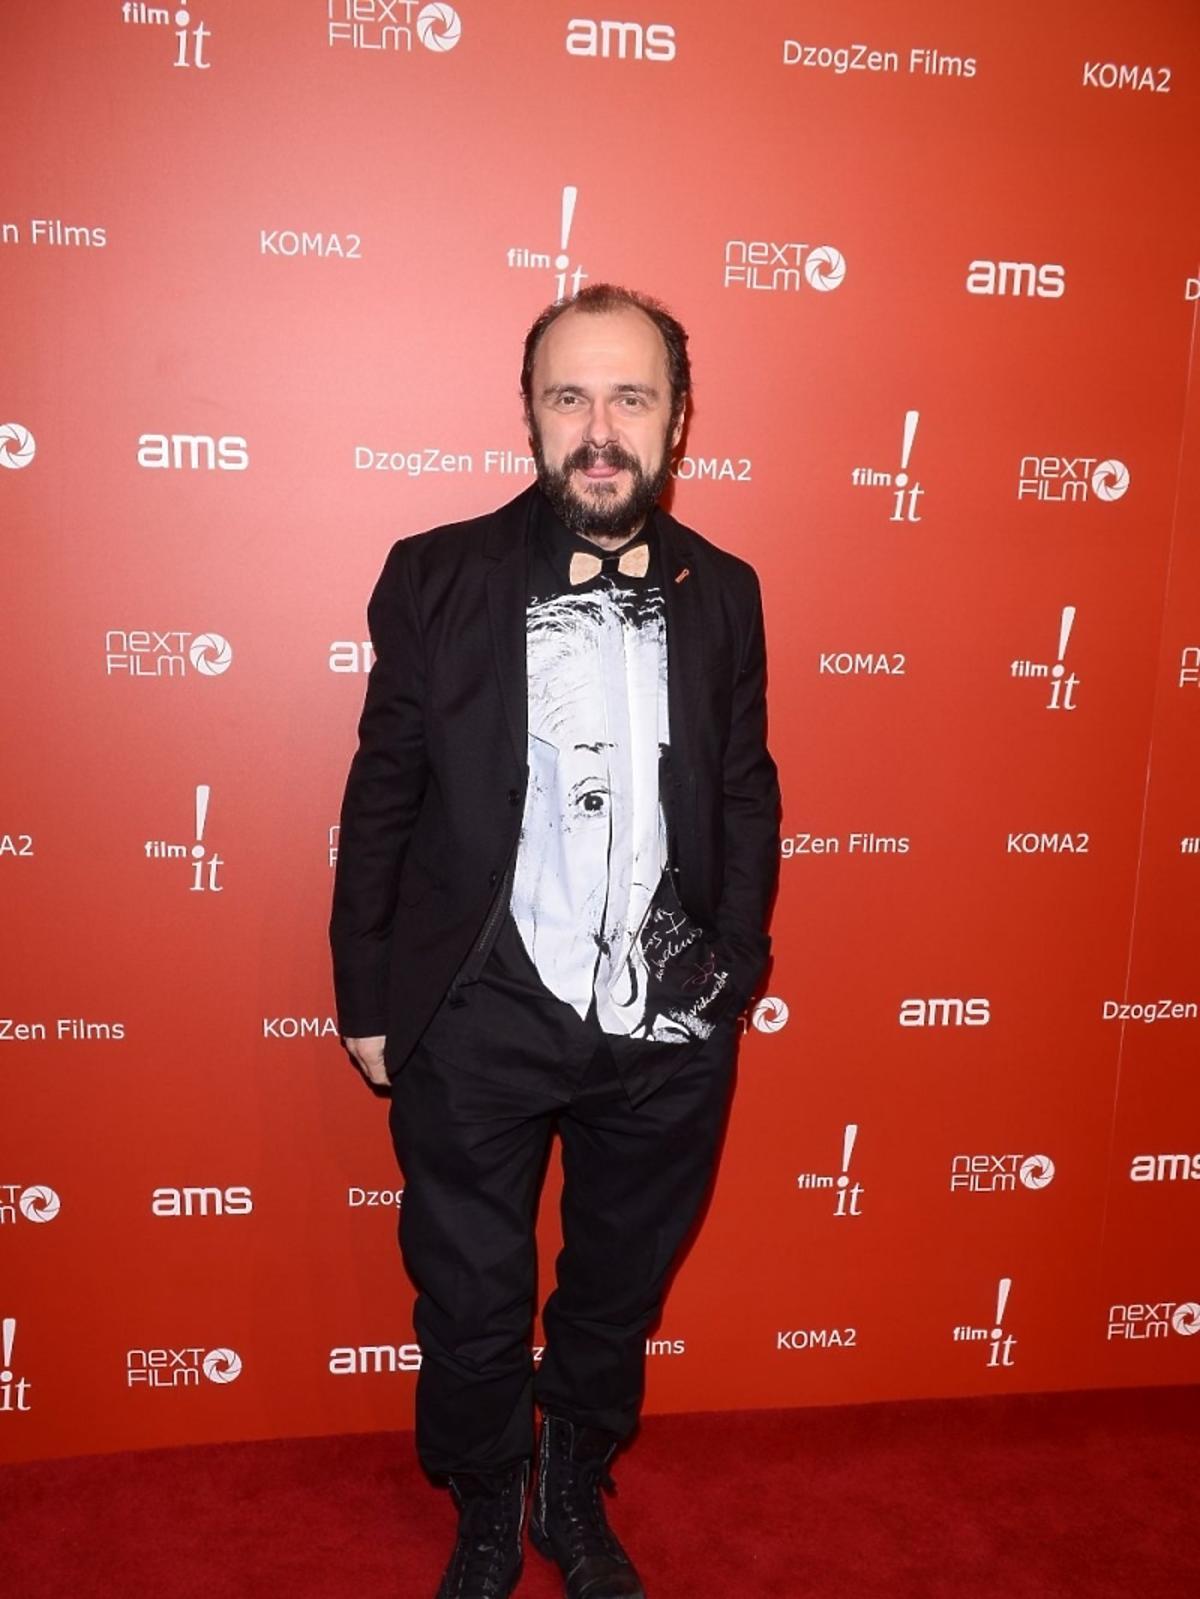 Arkadiusz Jakubik na premierze